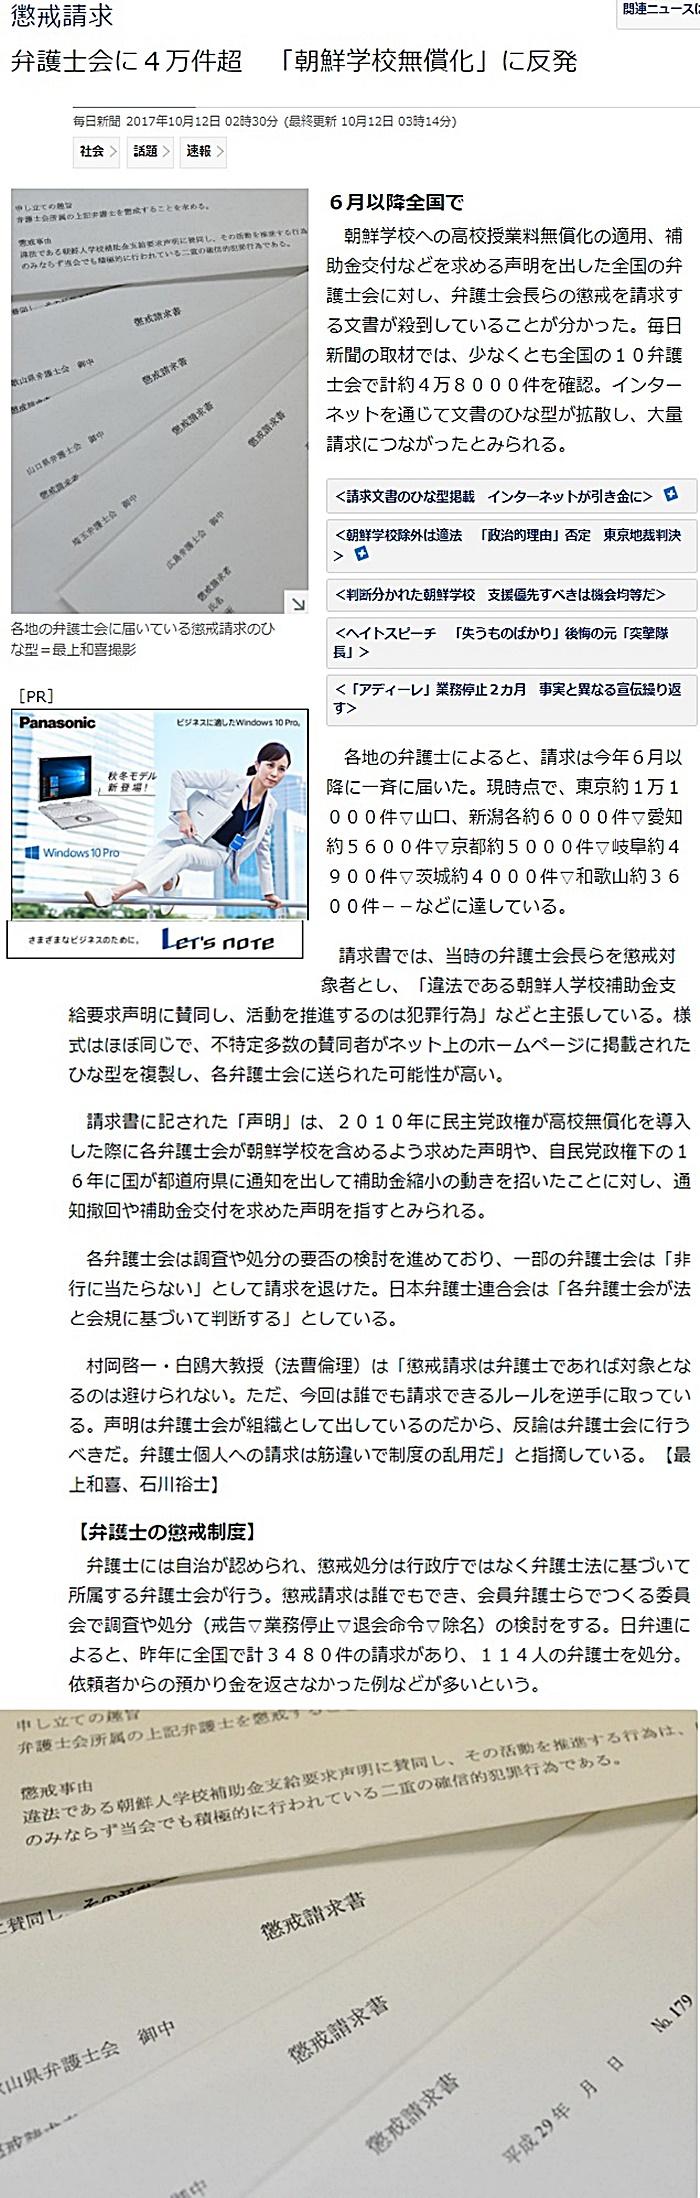 弁護士会に4万件超 「朝鮮学校無償化」に反発